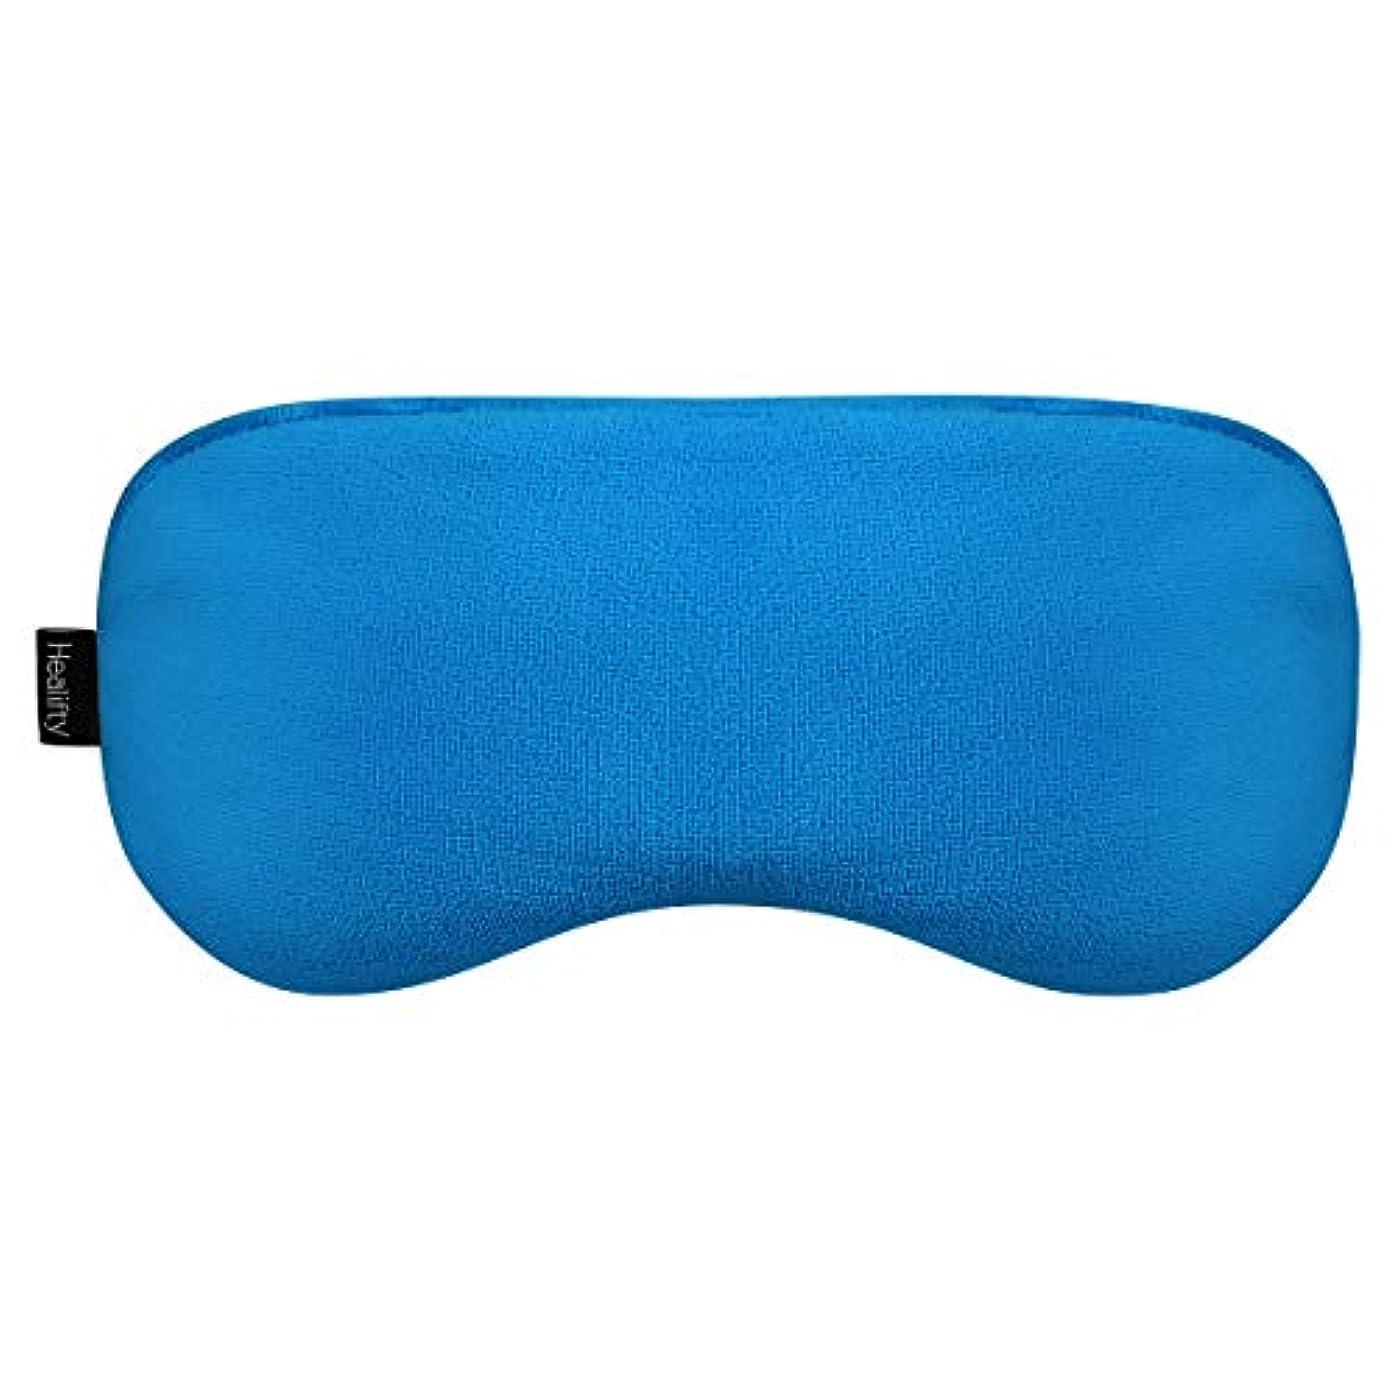 かる糞置くためにパックHealifty 目の目隠し1ピース亜麻仁アイ圧縮暖かいアイセラピーマイクロ波ホットアイマスク付きベルベットカバー(ブルー)